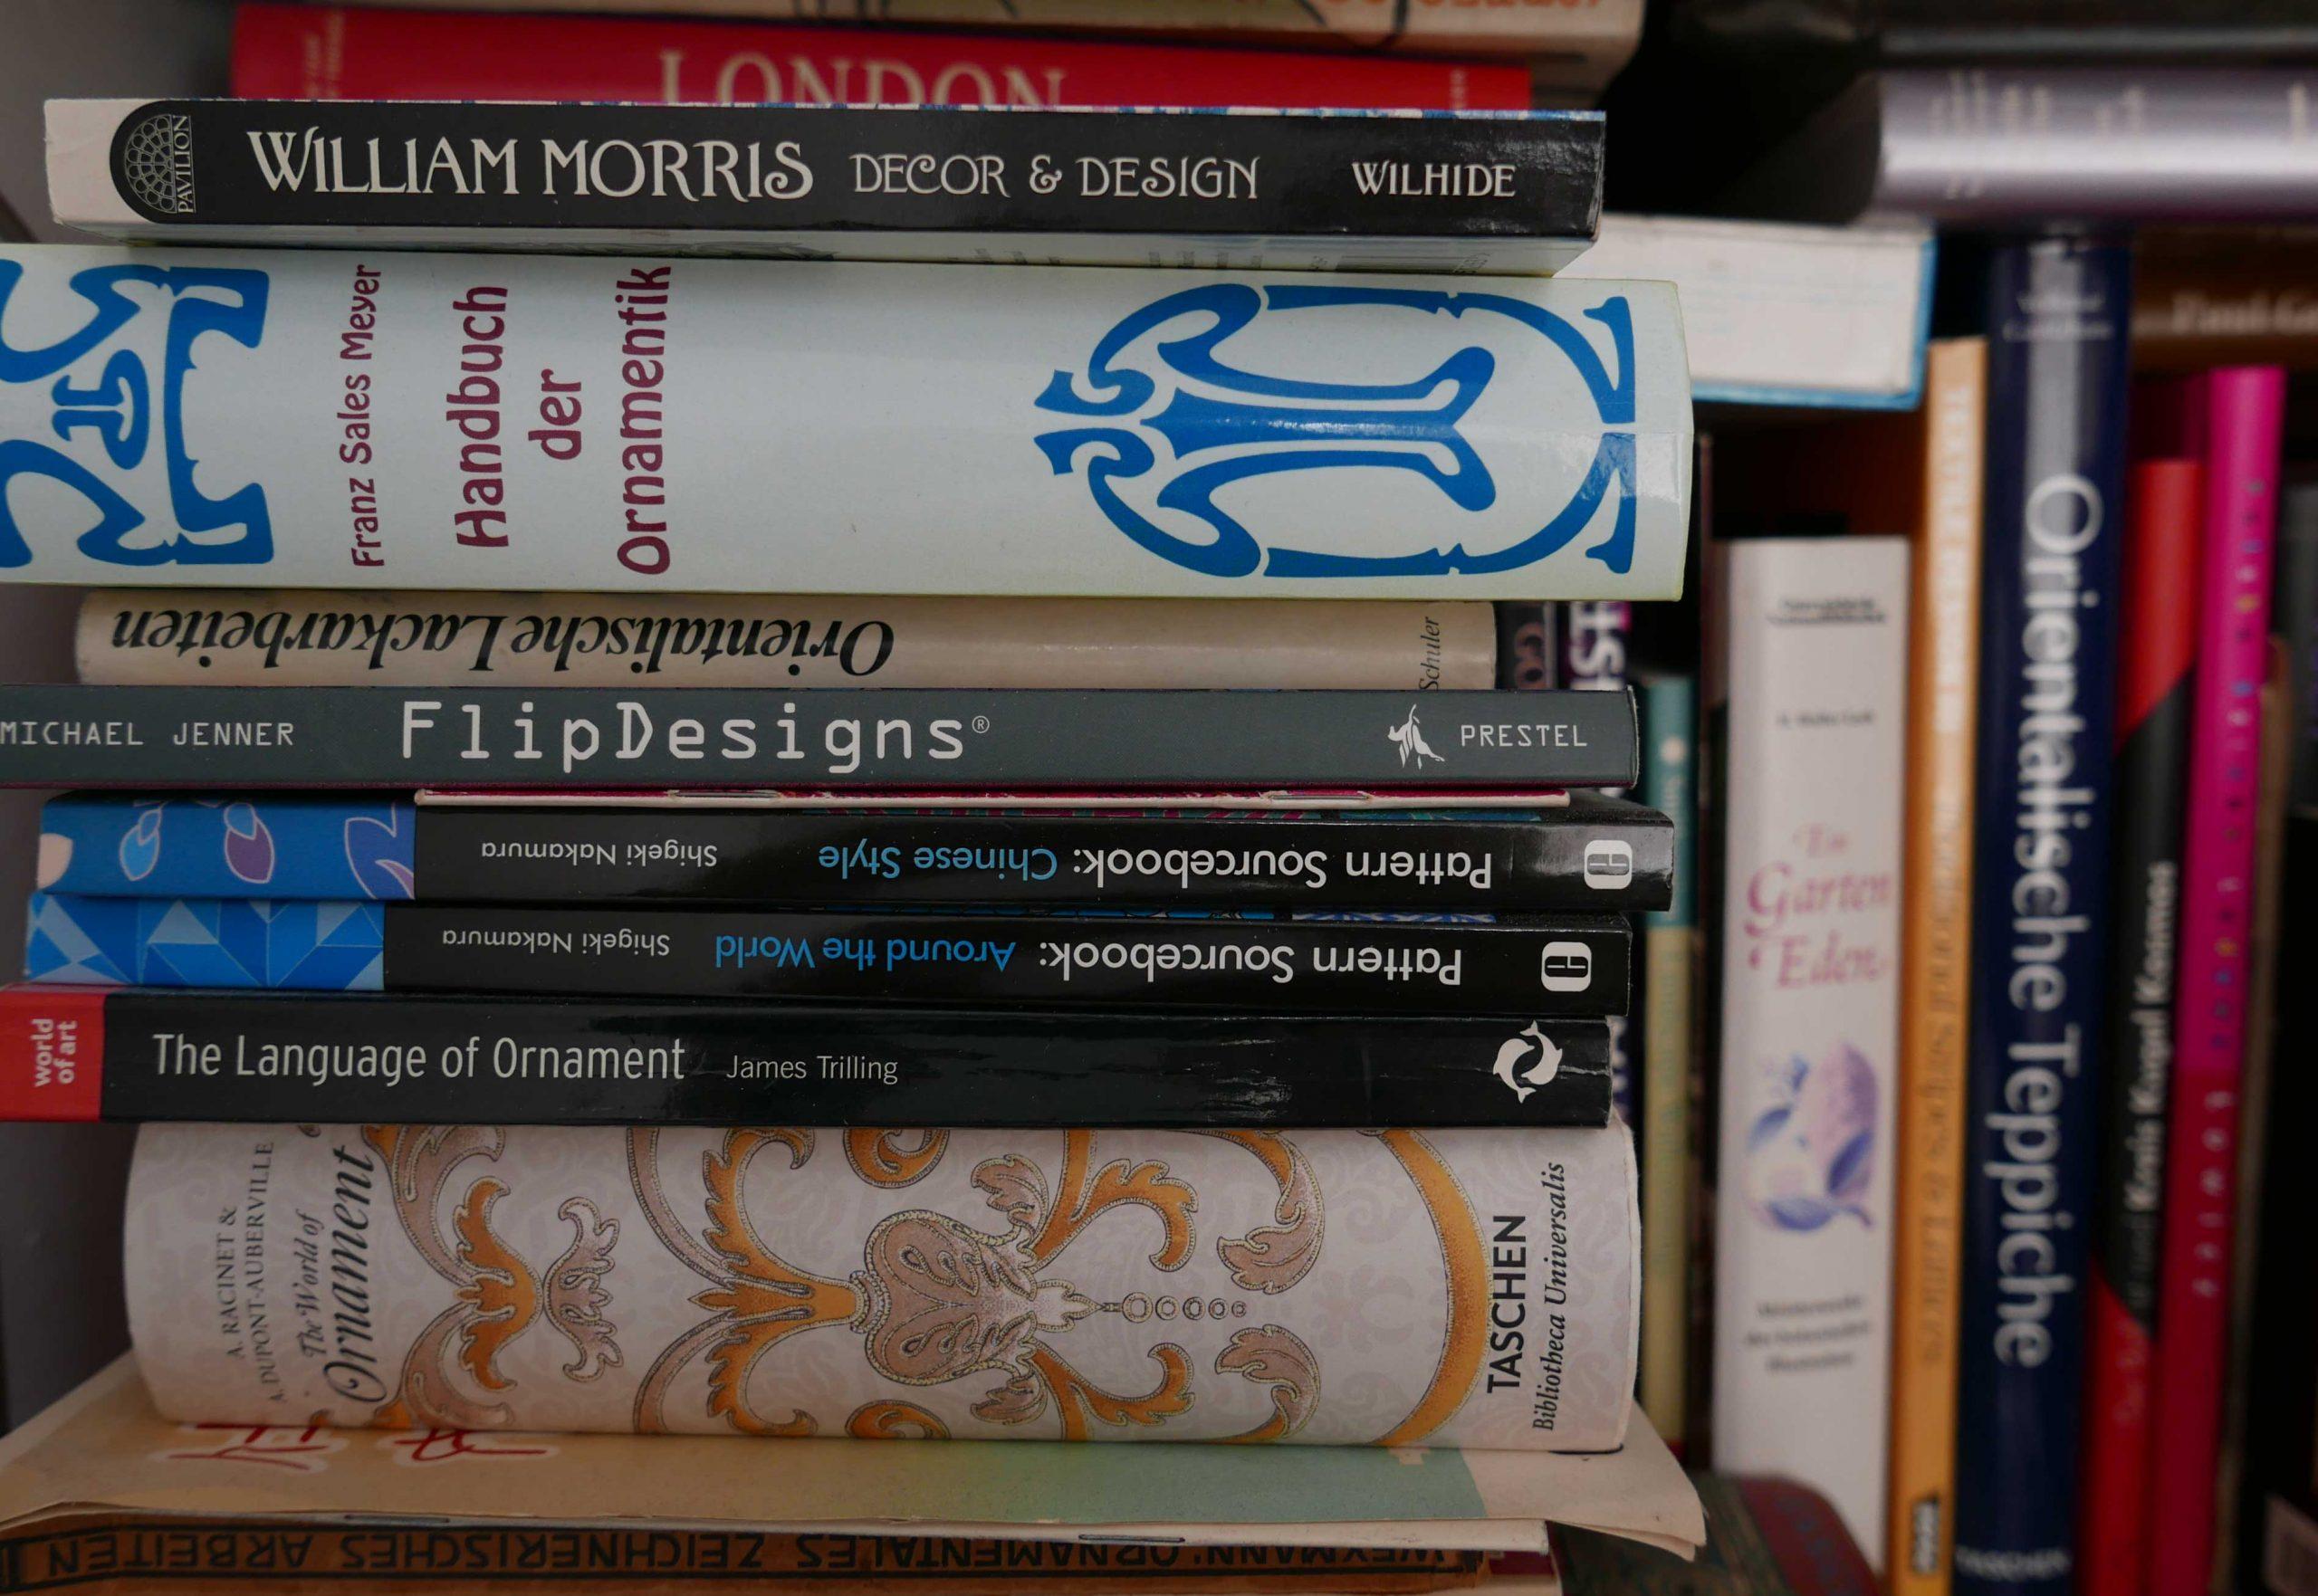 Leben mit Büchern - Bildbände über Ornamentik im Regal